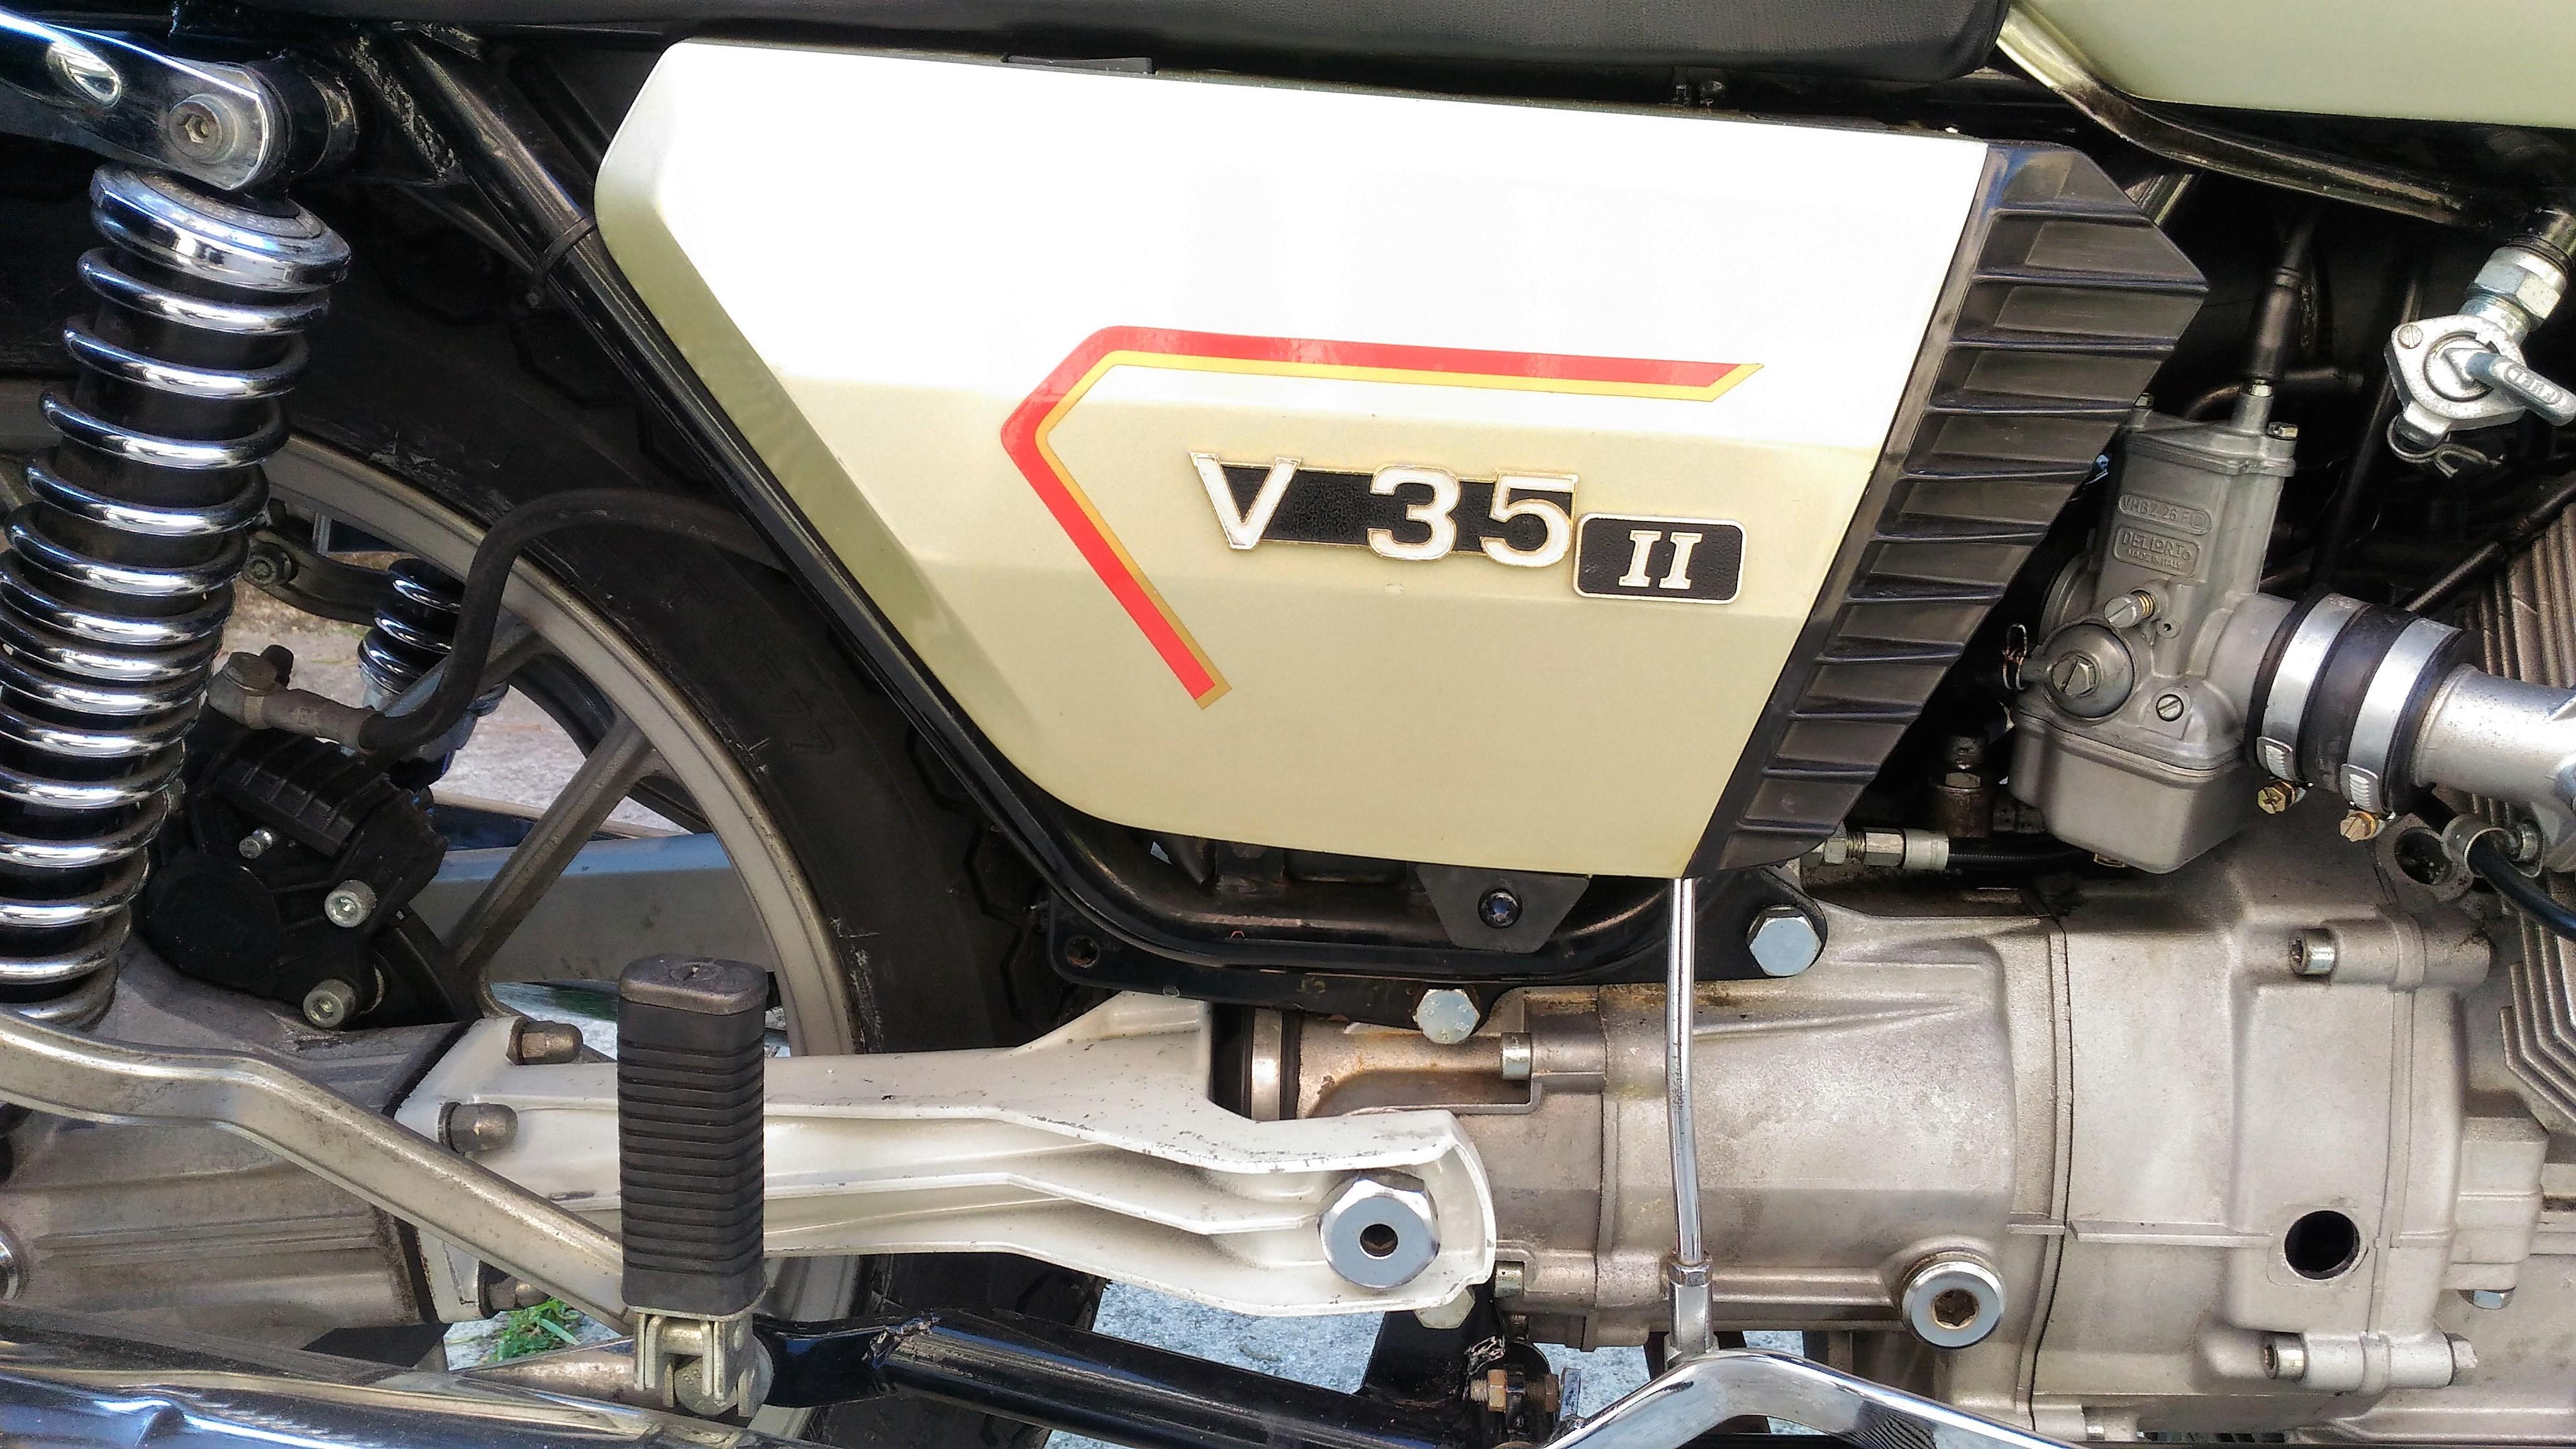 v35 II - 5